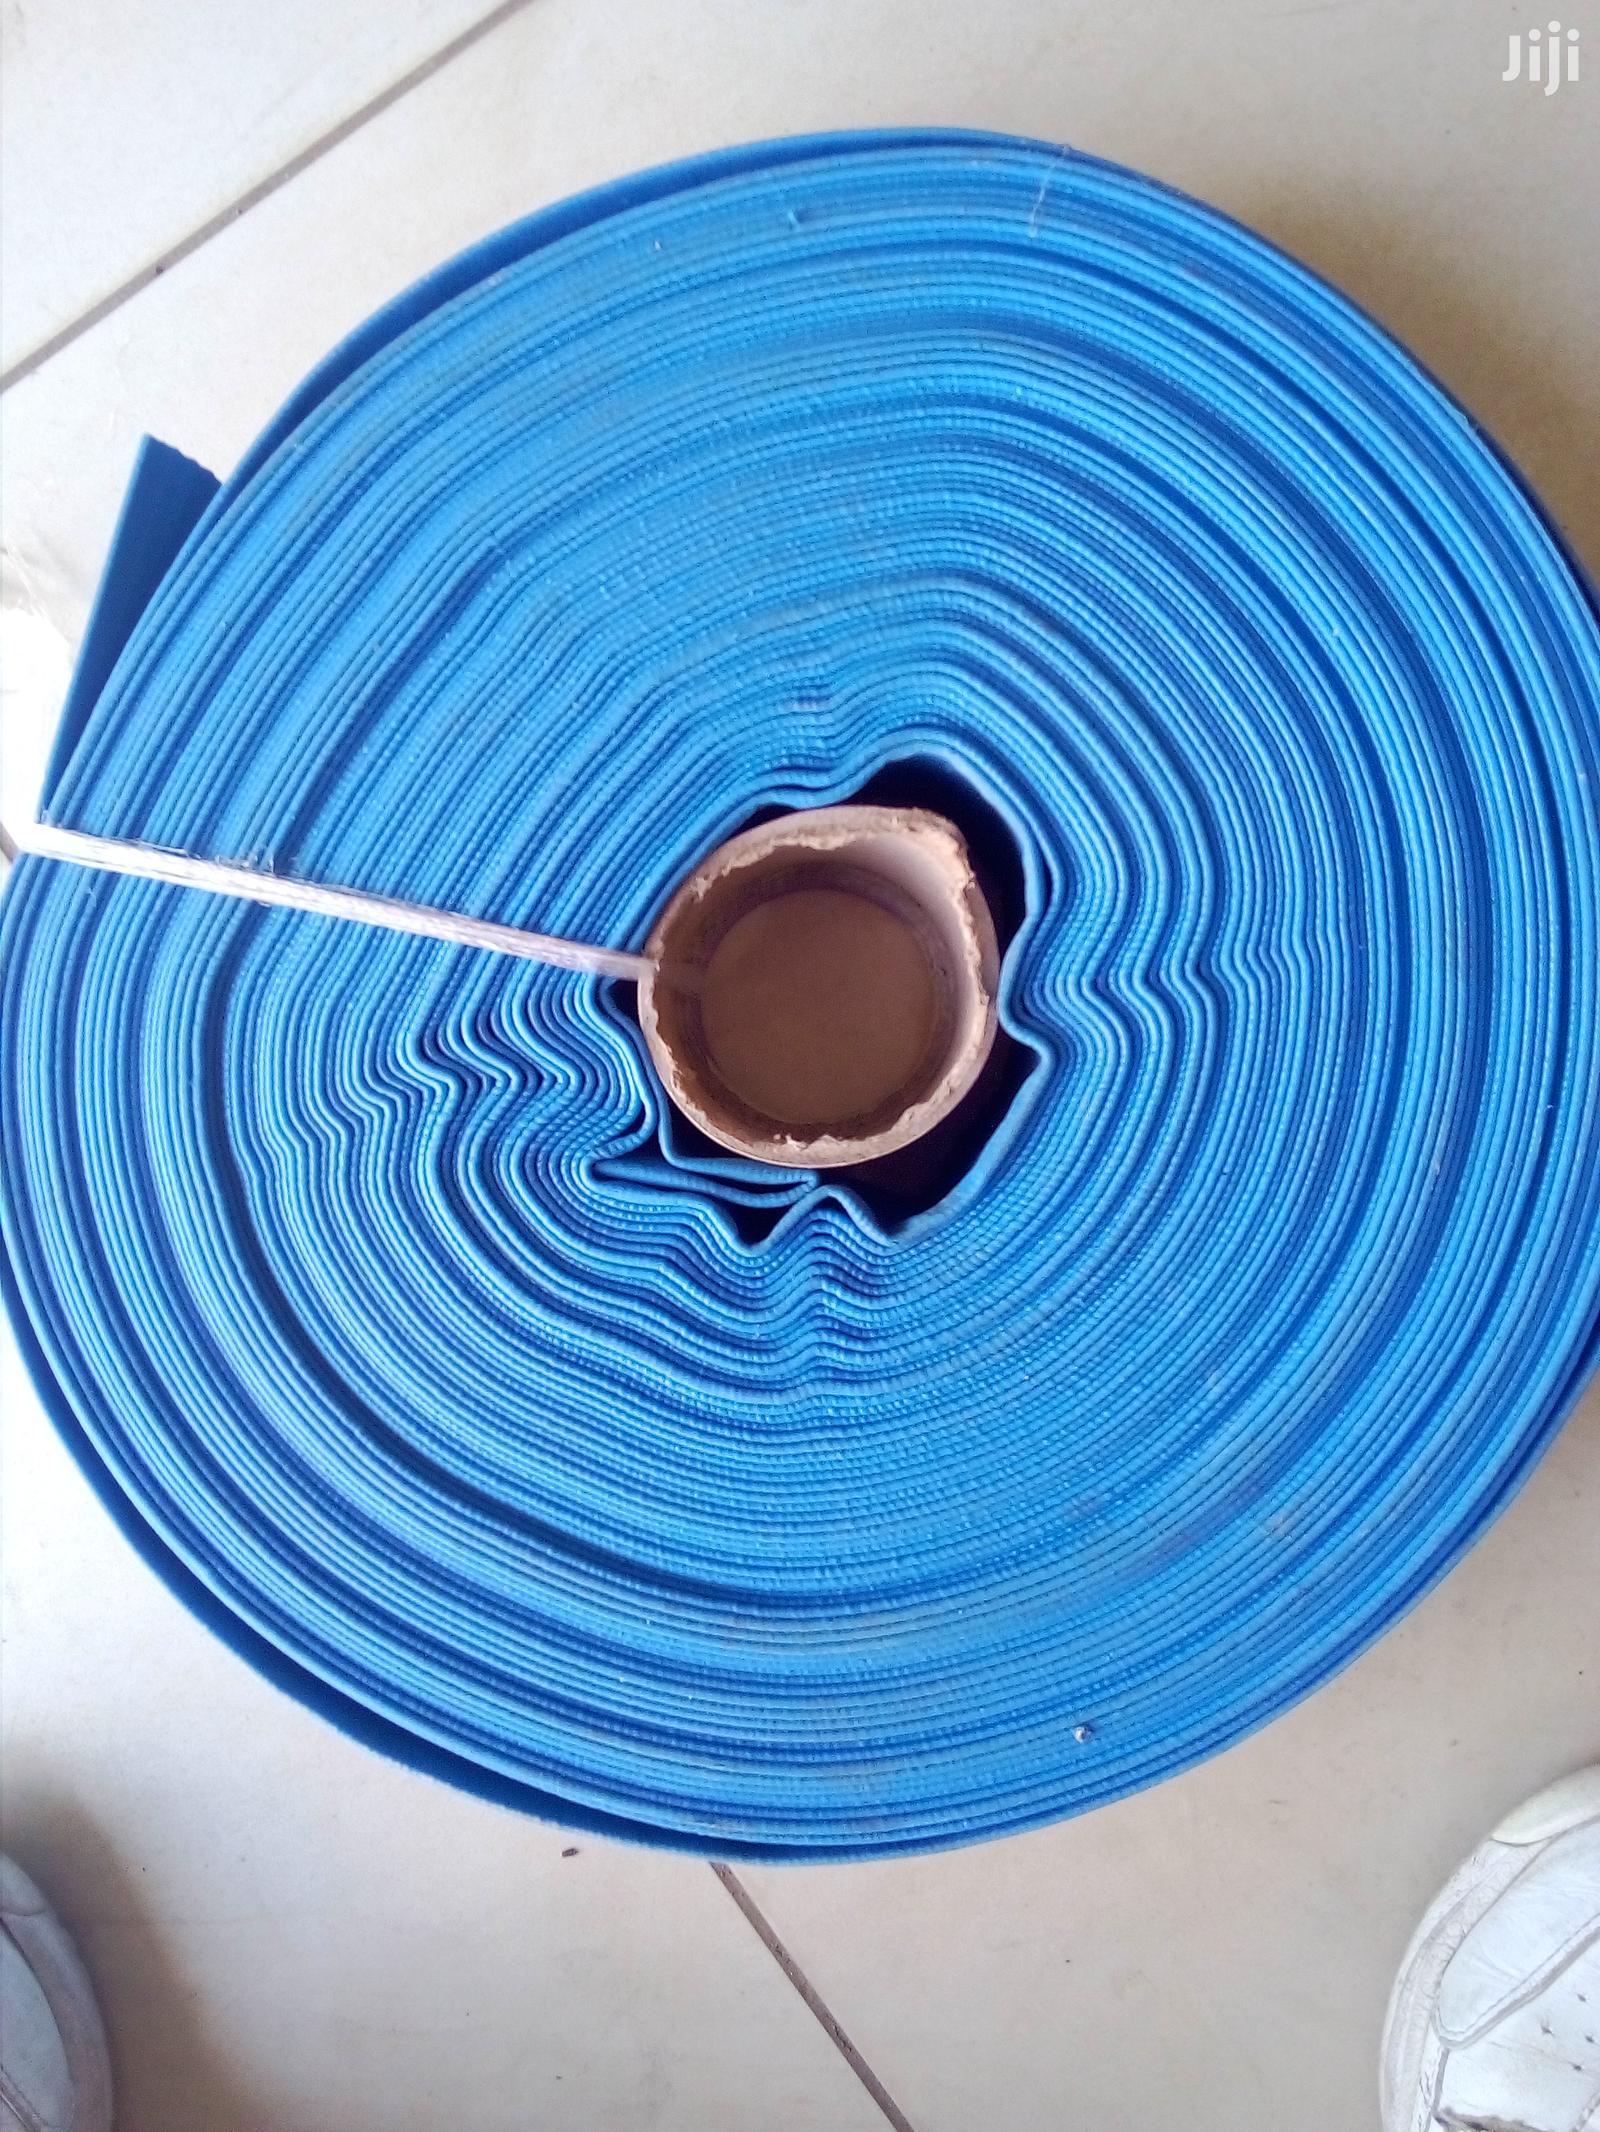 Layflat Hose Pipe | Plumbing & Water Supply for sale in Viwandani (Makadara), Nairobi, Kenya